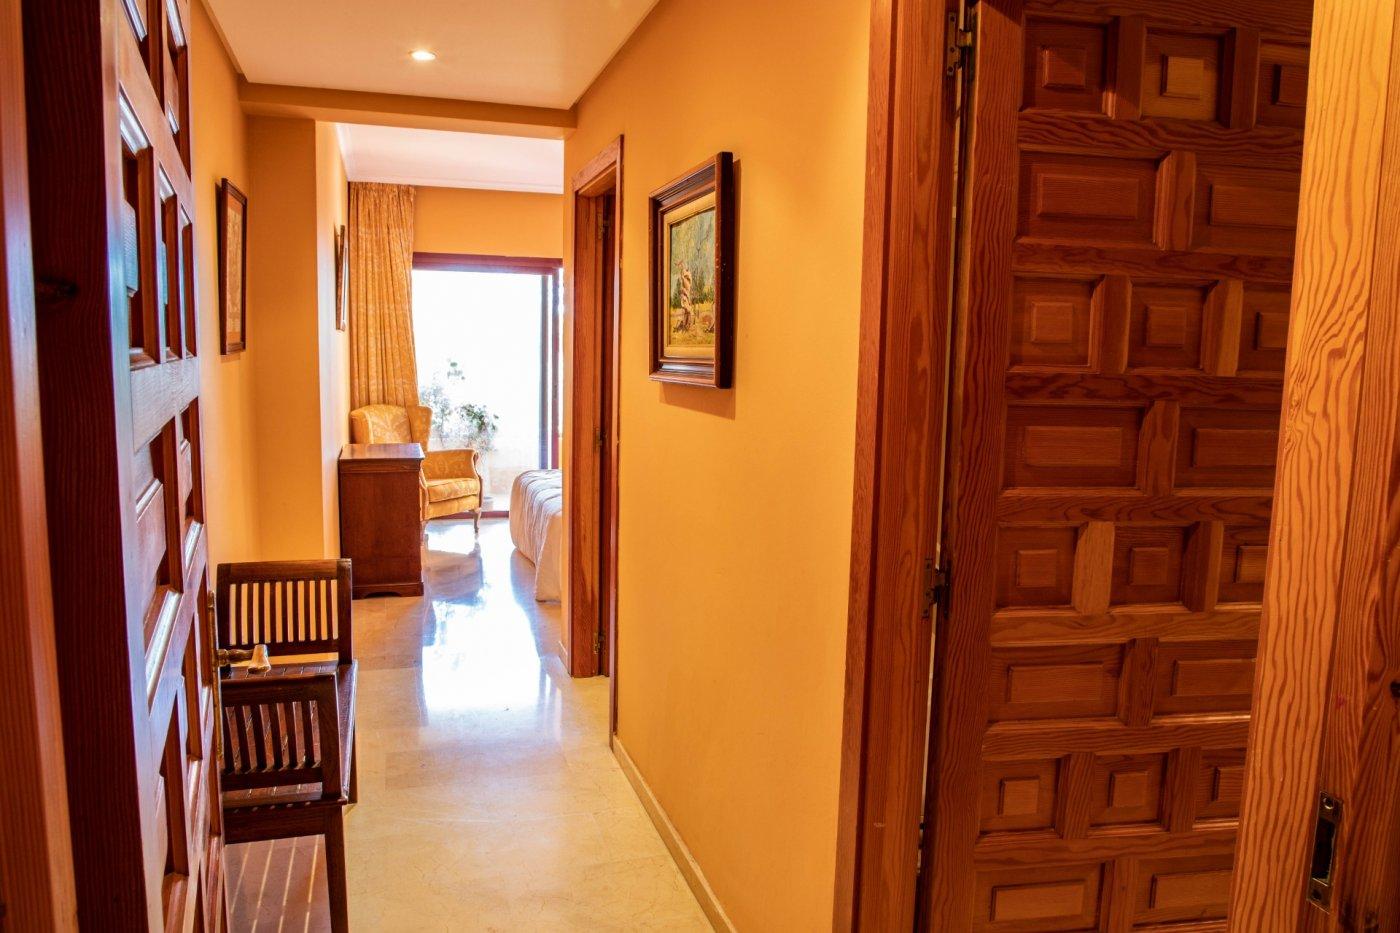 Oportunidad de comprar un precioso apartamento en santa ponsa a muy buen precio!! - imagenInmueble32